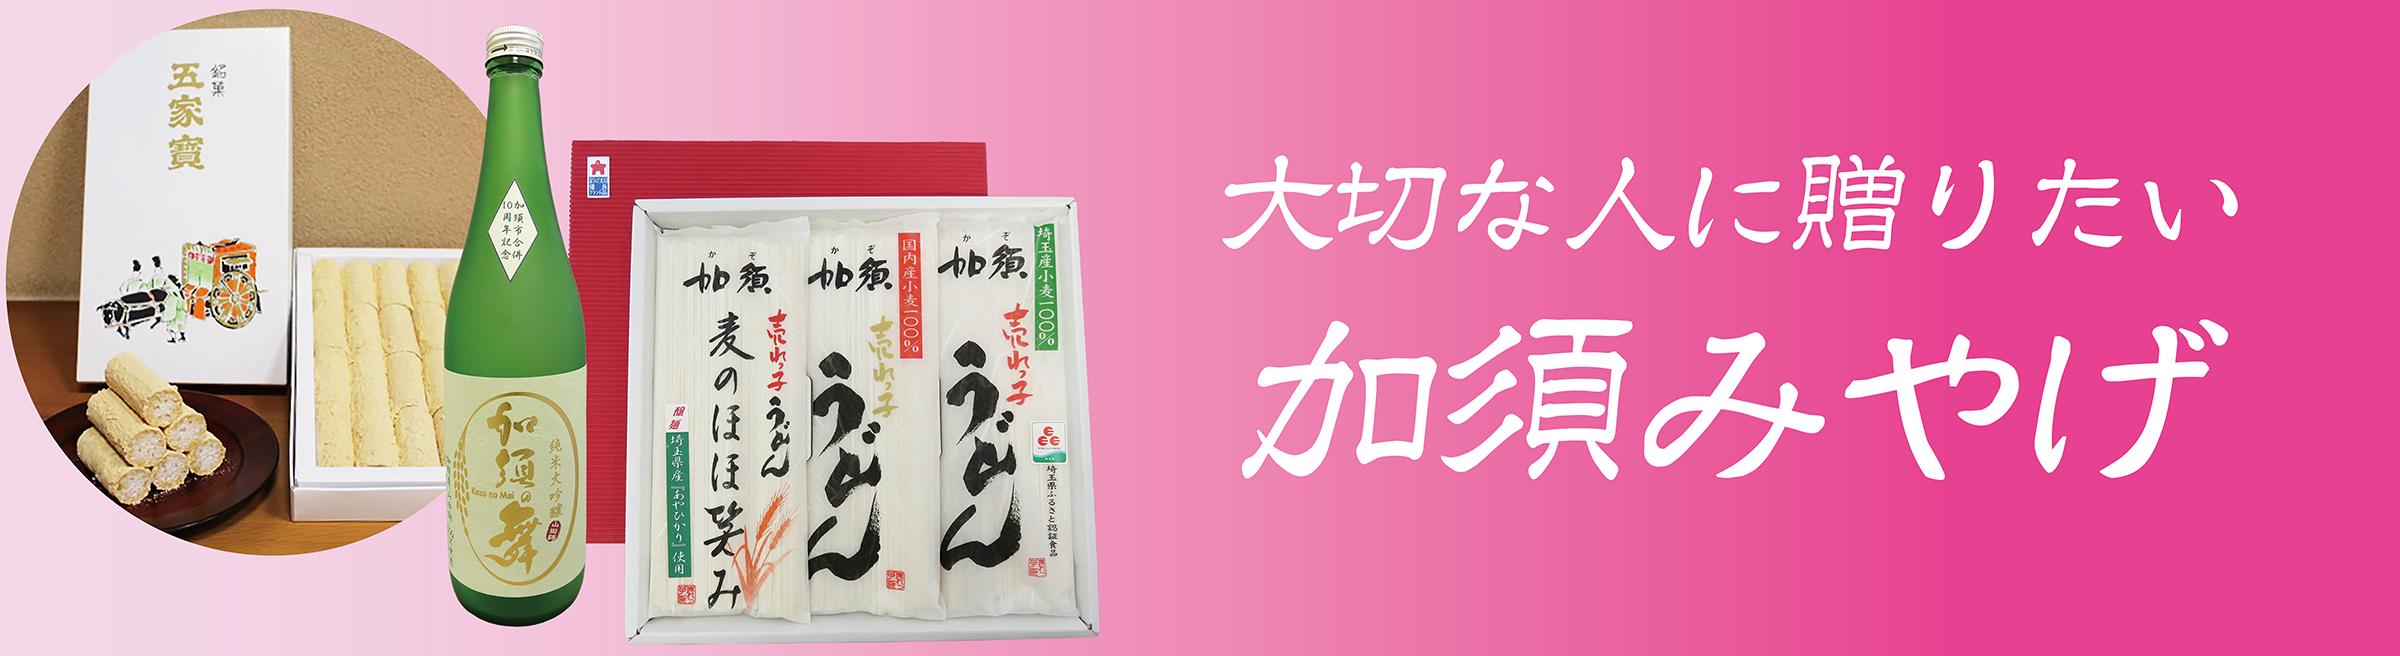 埼玉・加須 米糀甘酒 かぞマルシェ - 加須産の食べ物ご案内サイト